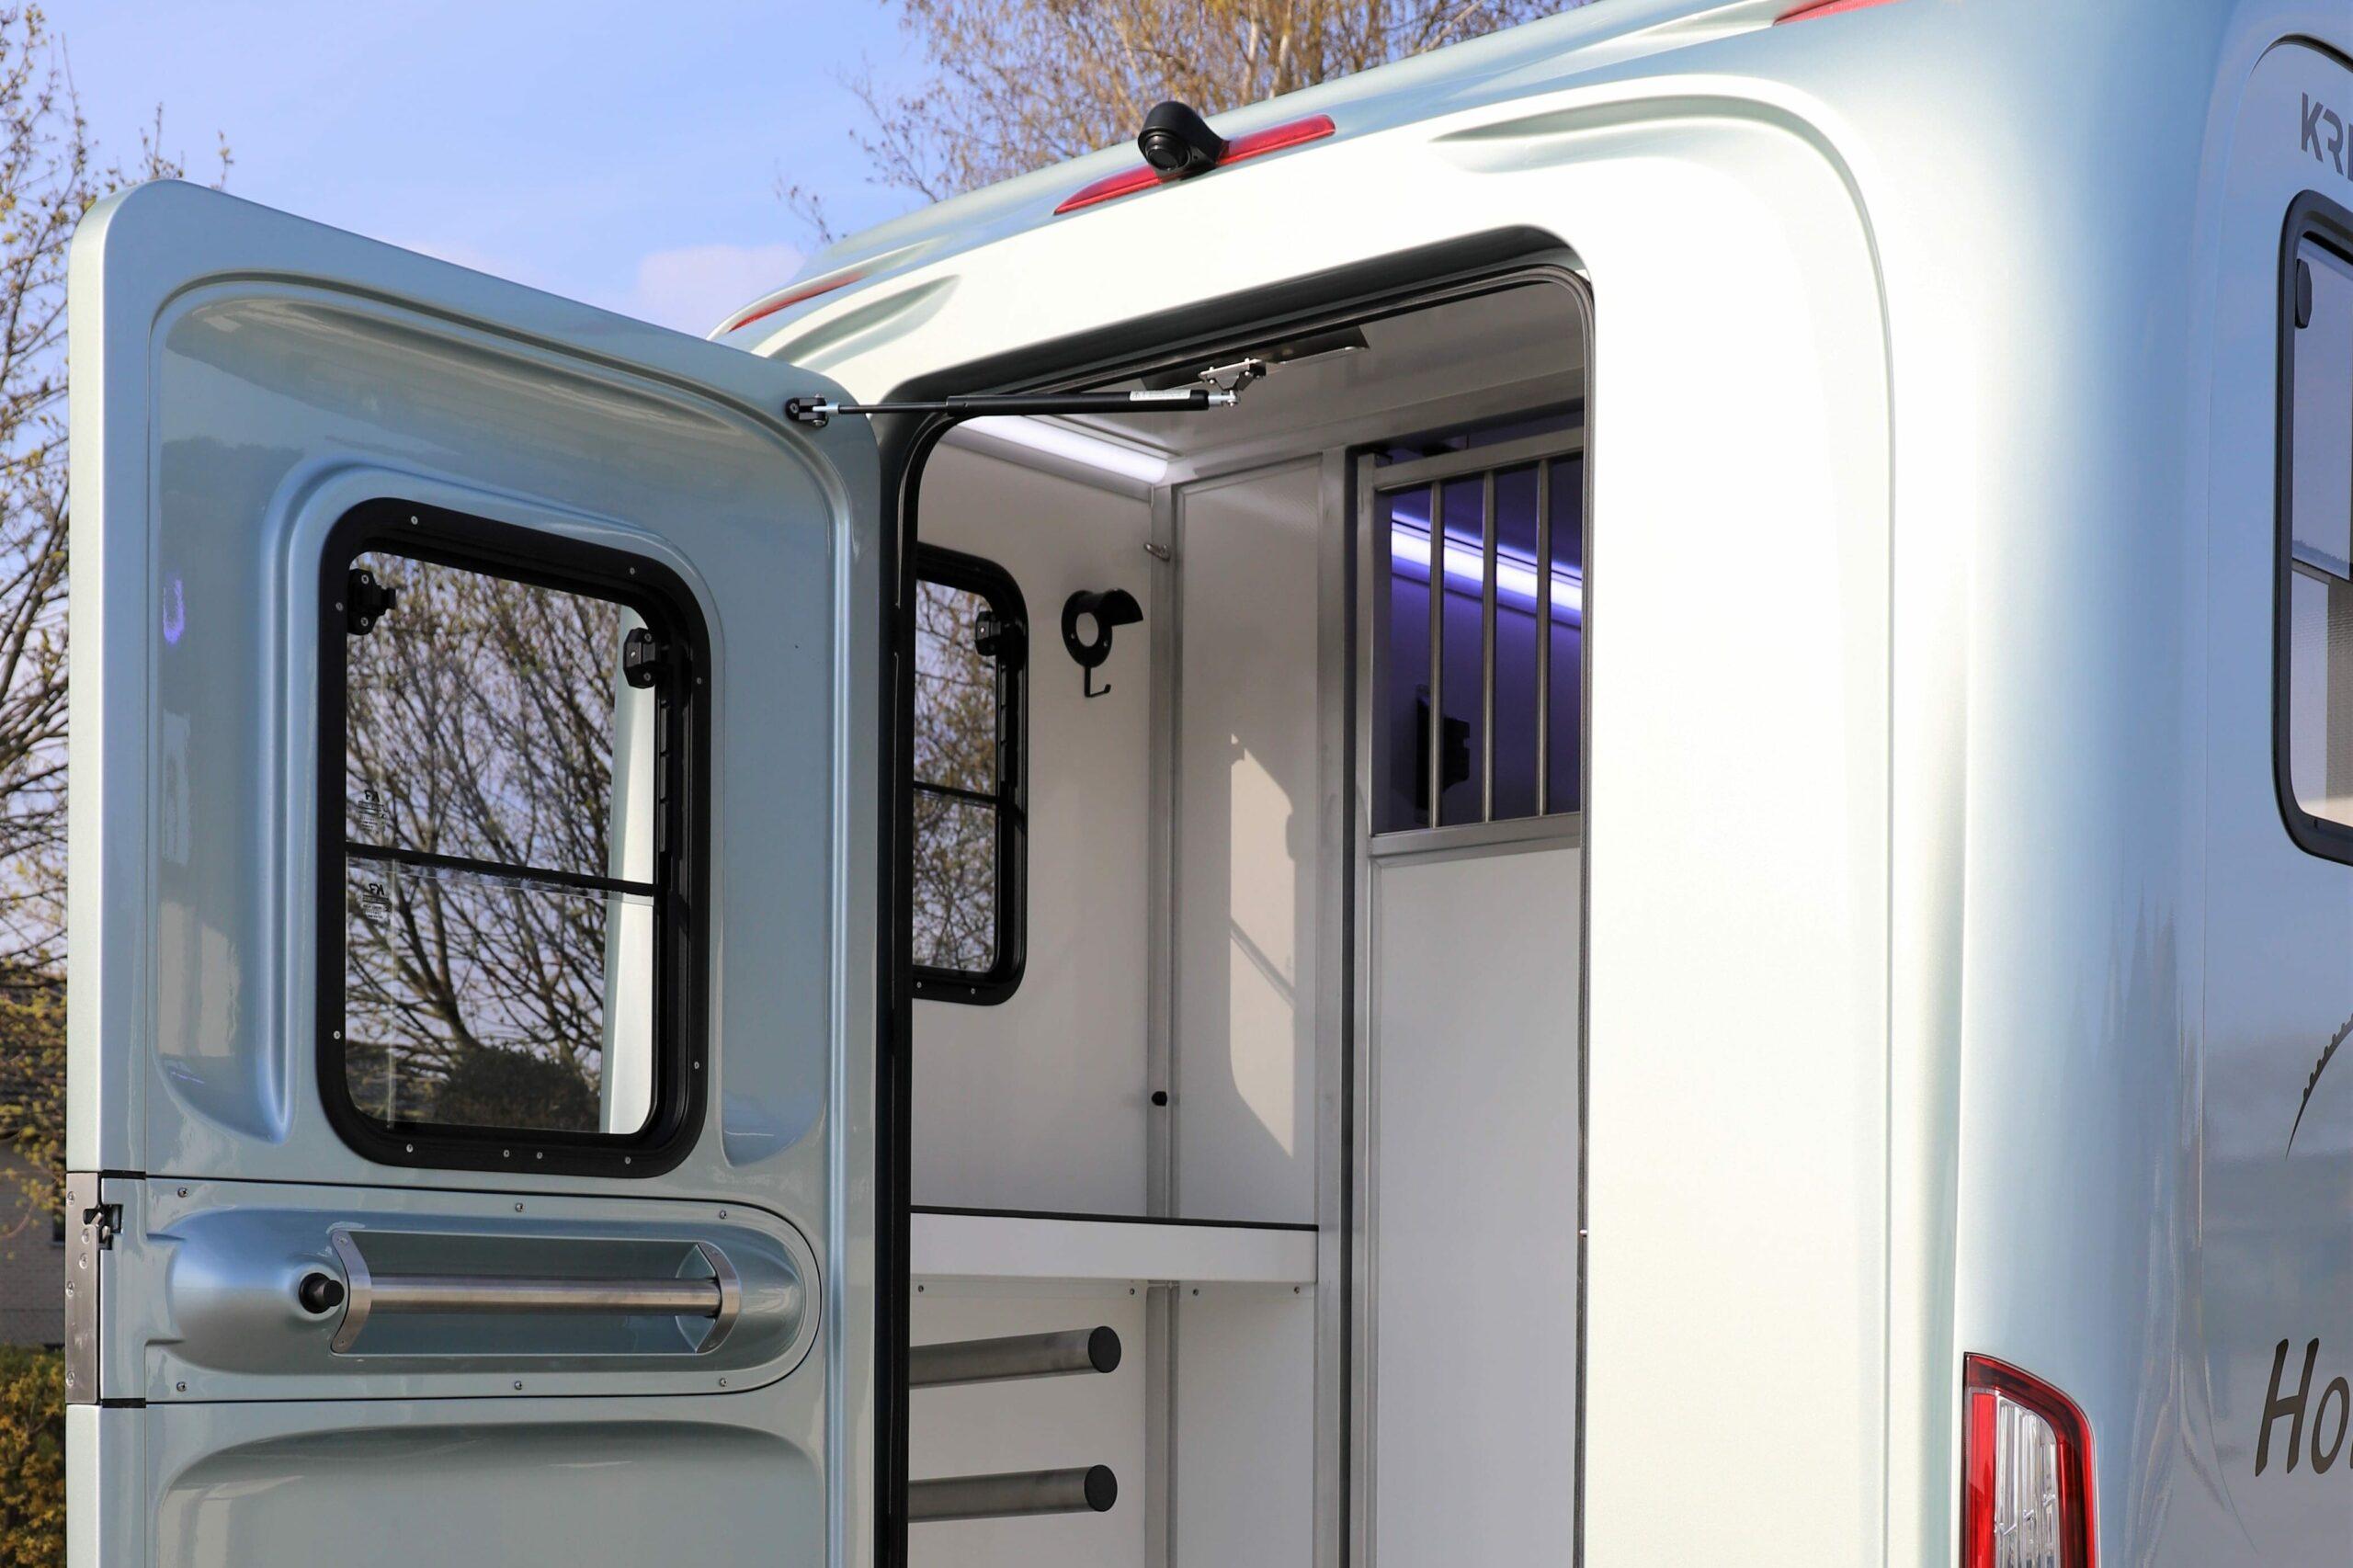 Zadelruimte van de Krismar 2 paard horse truck enkele cabine